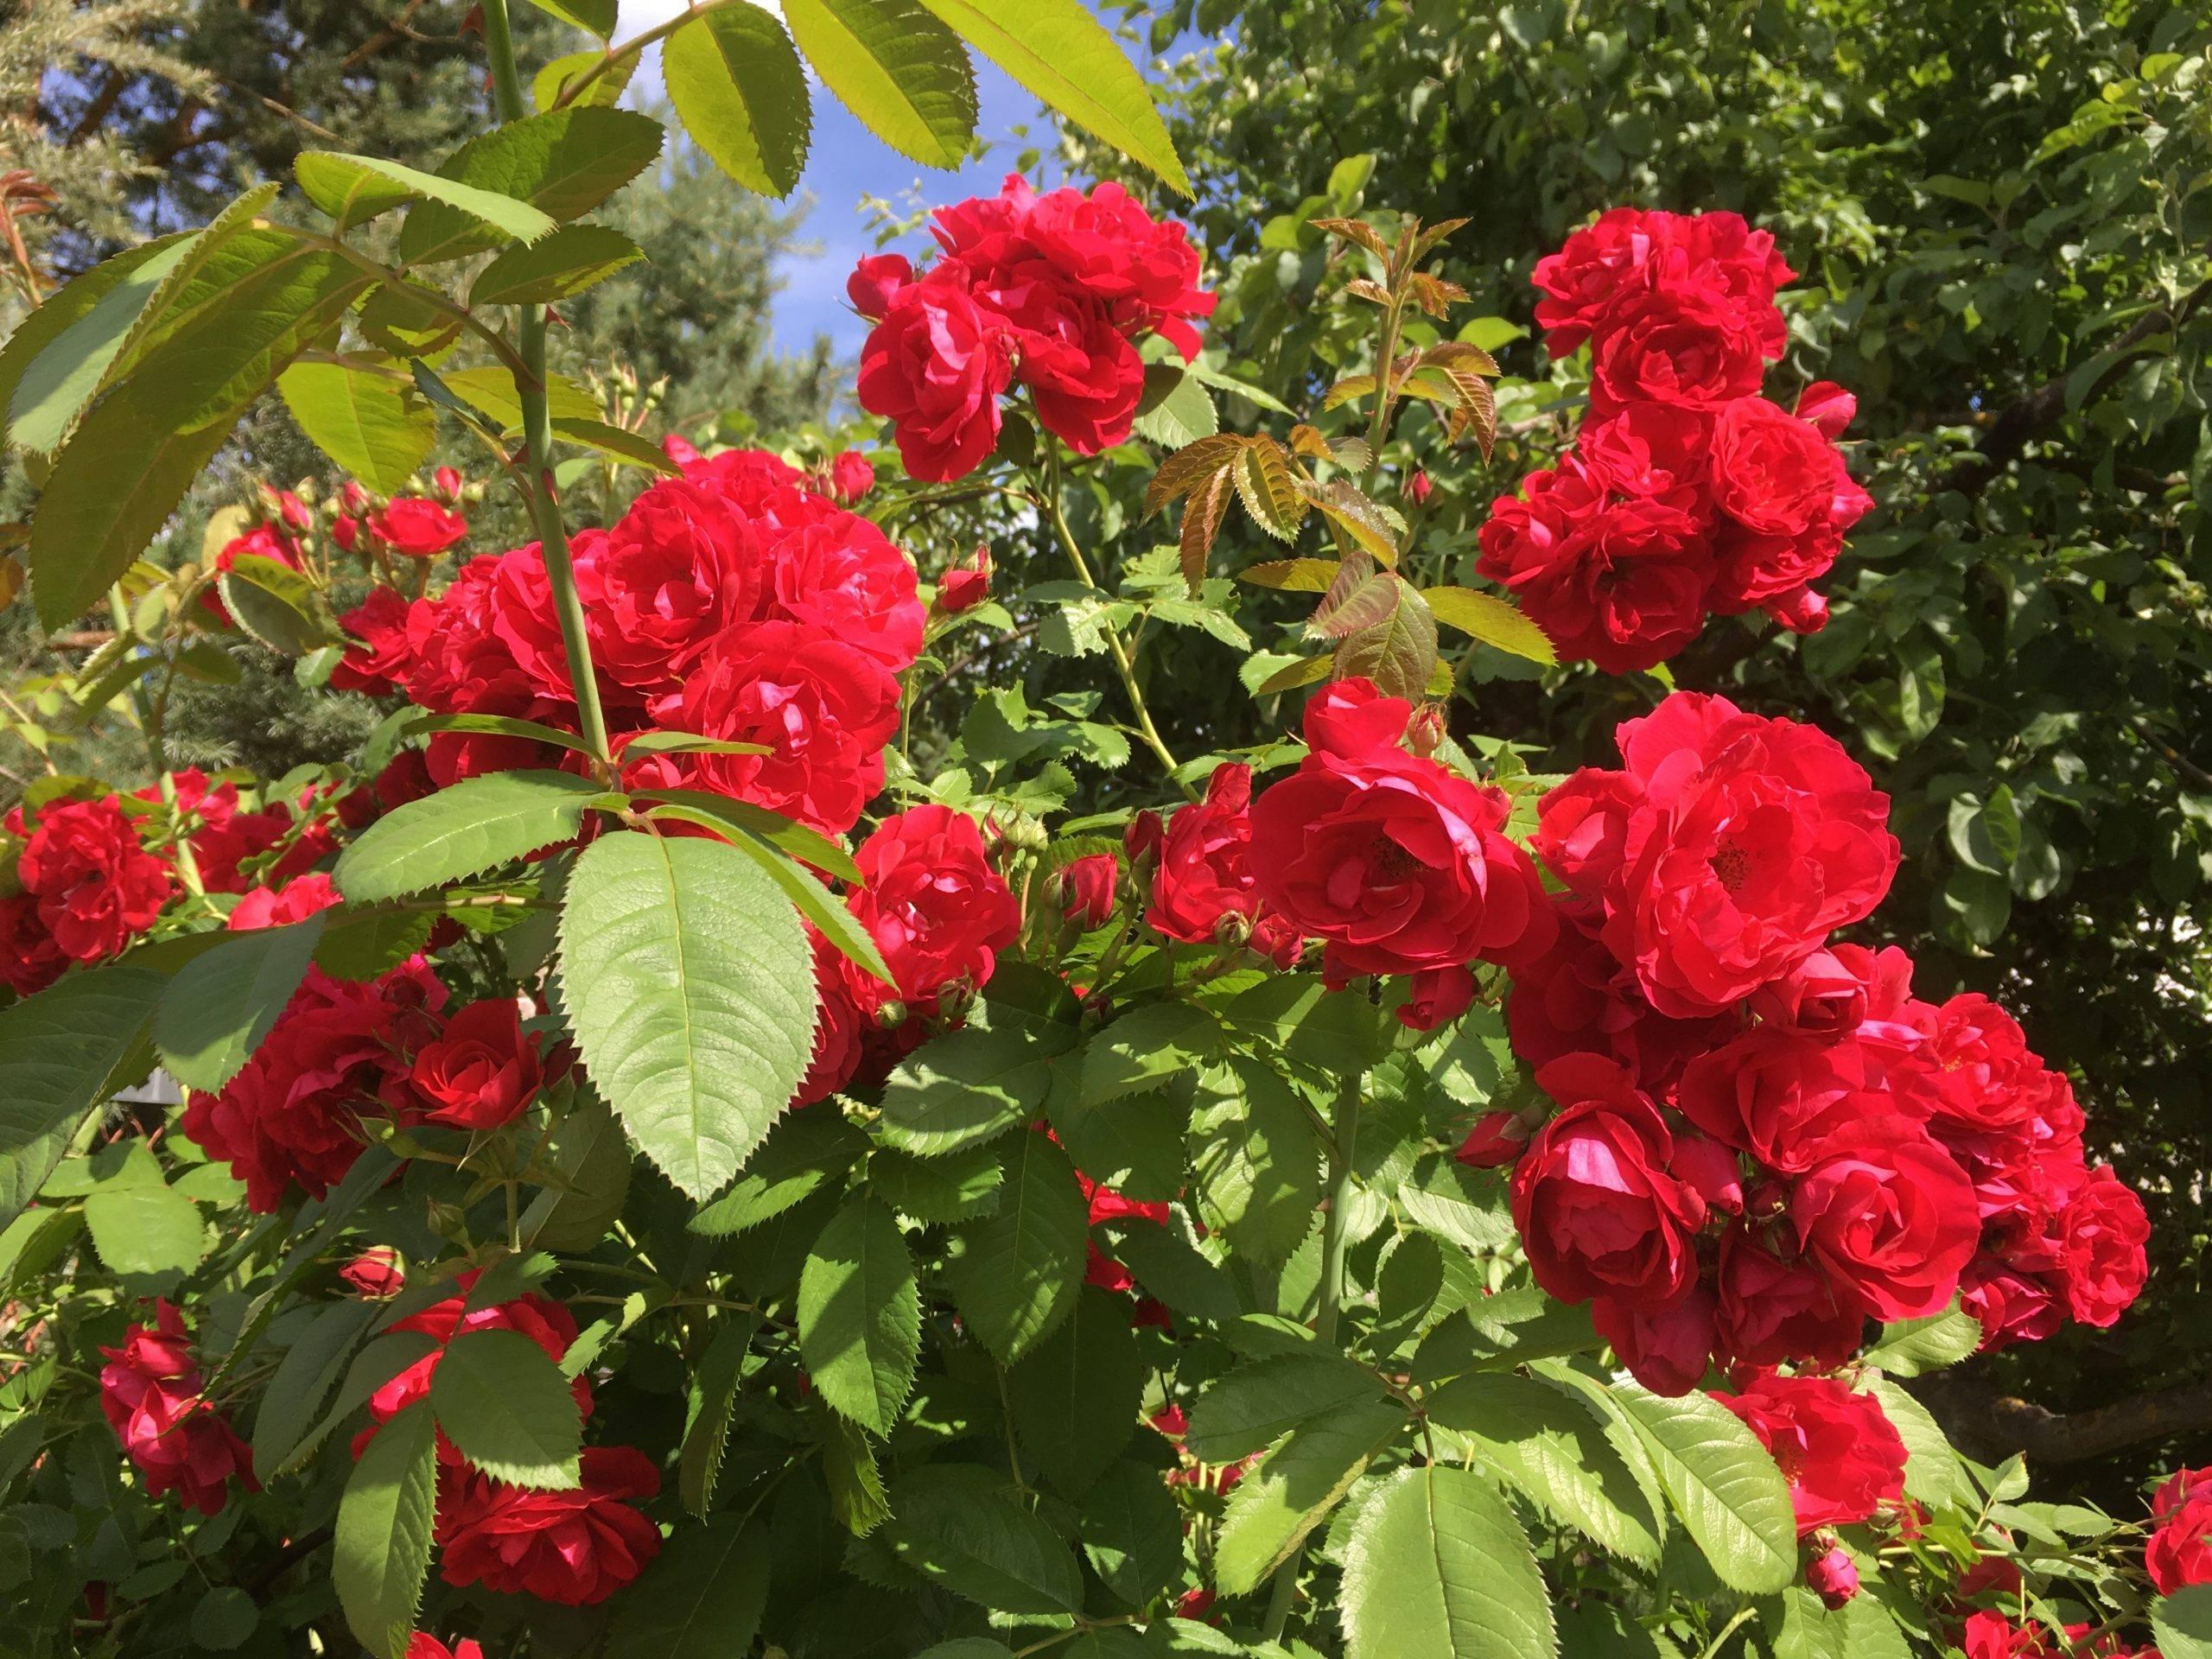 Тля на садовом участке: методы борьбы и профилактики